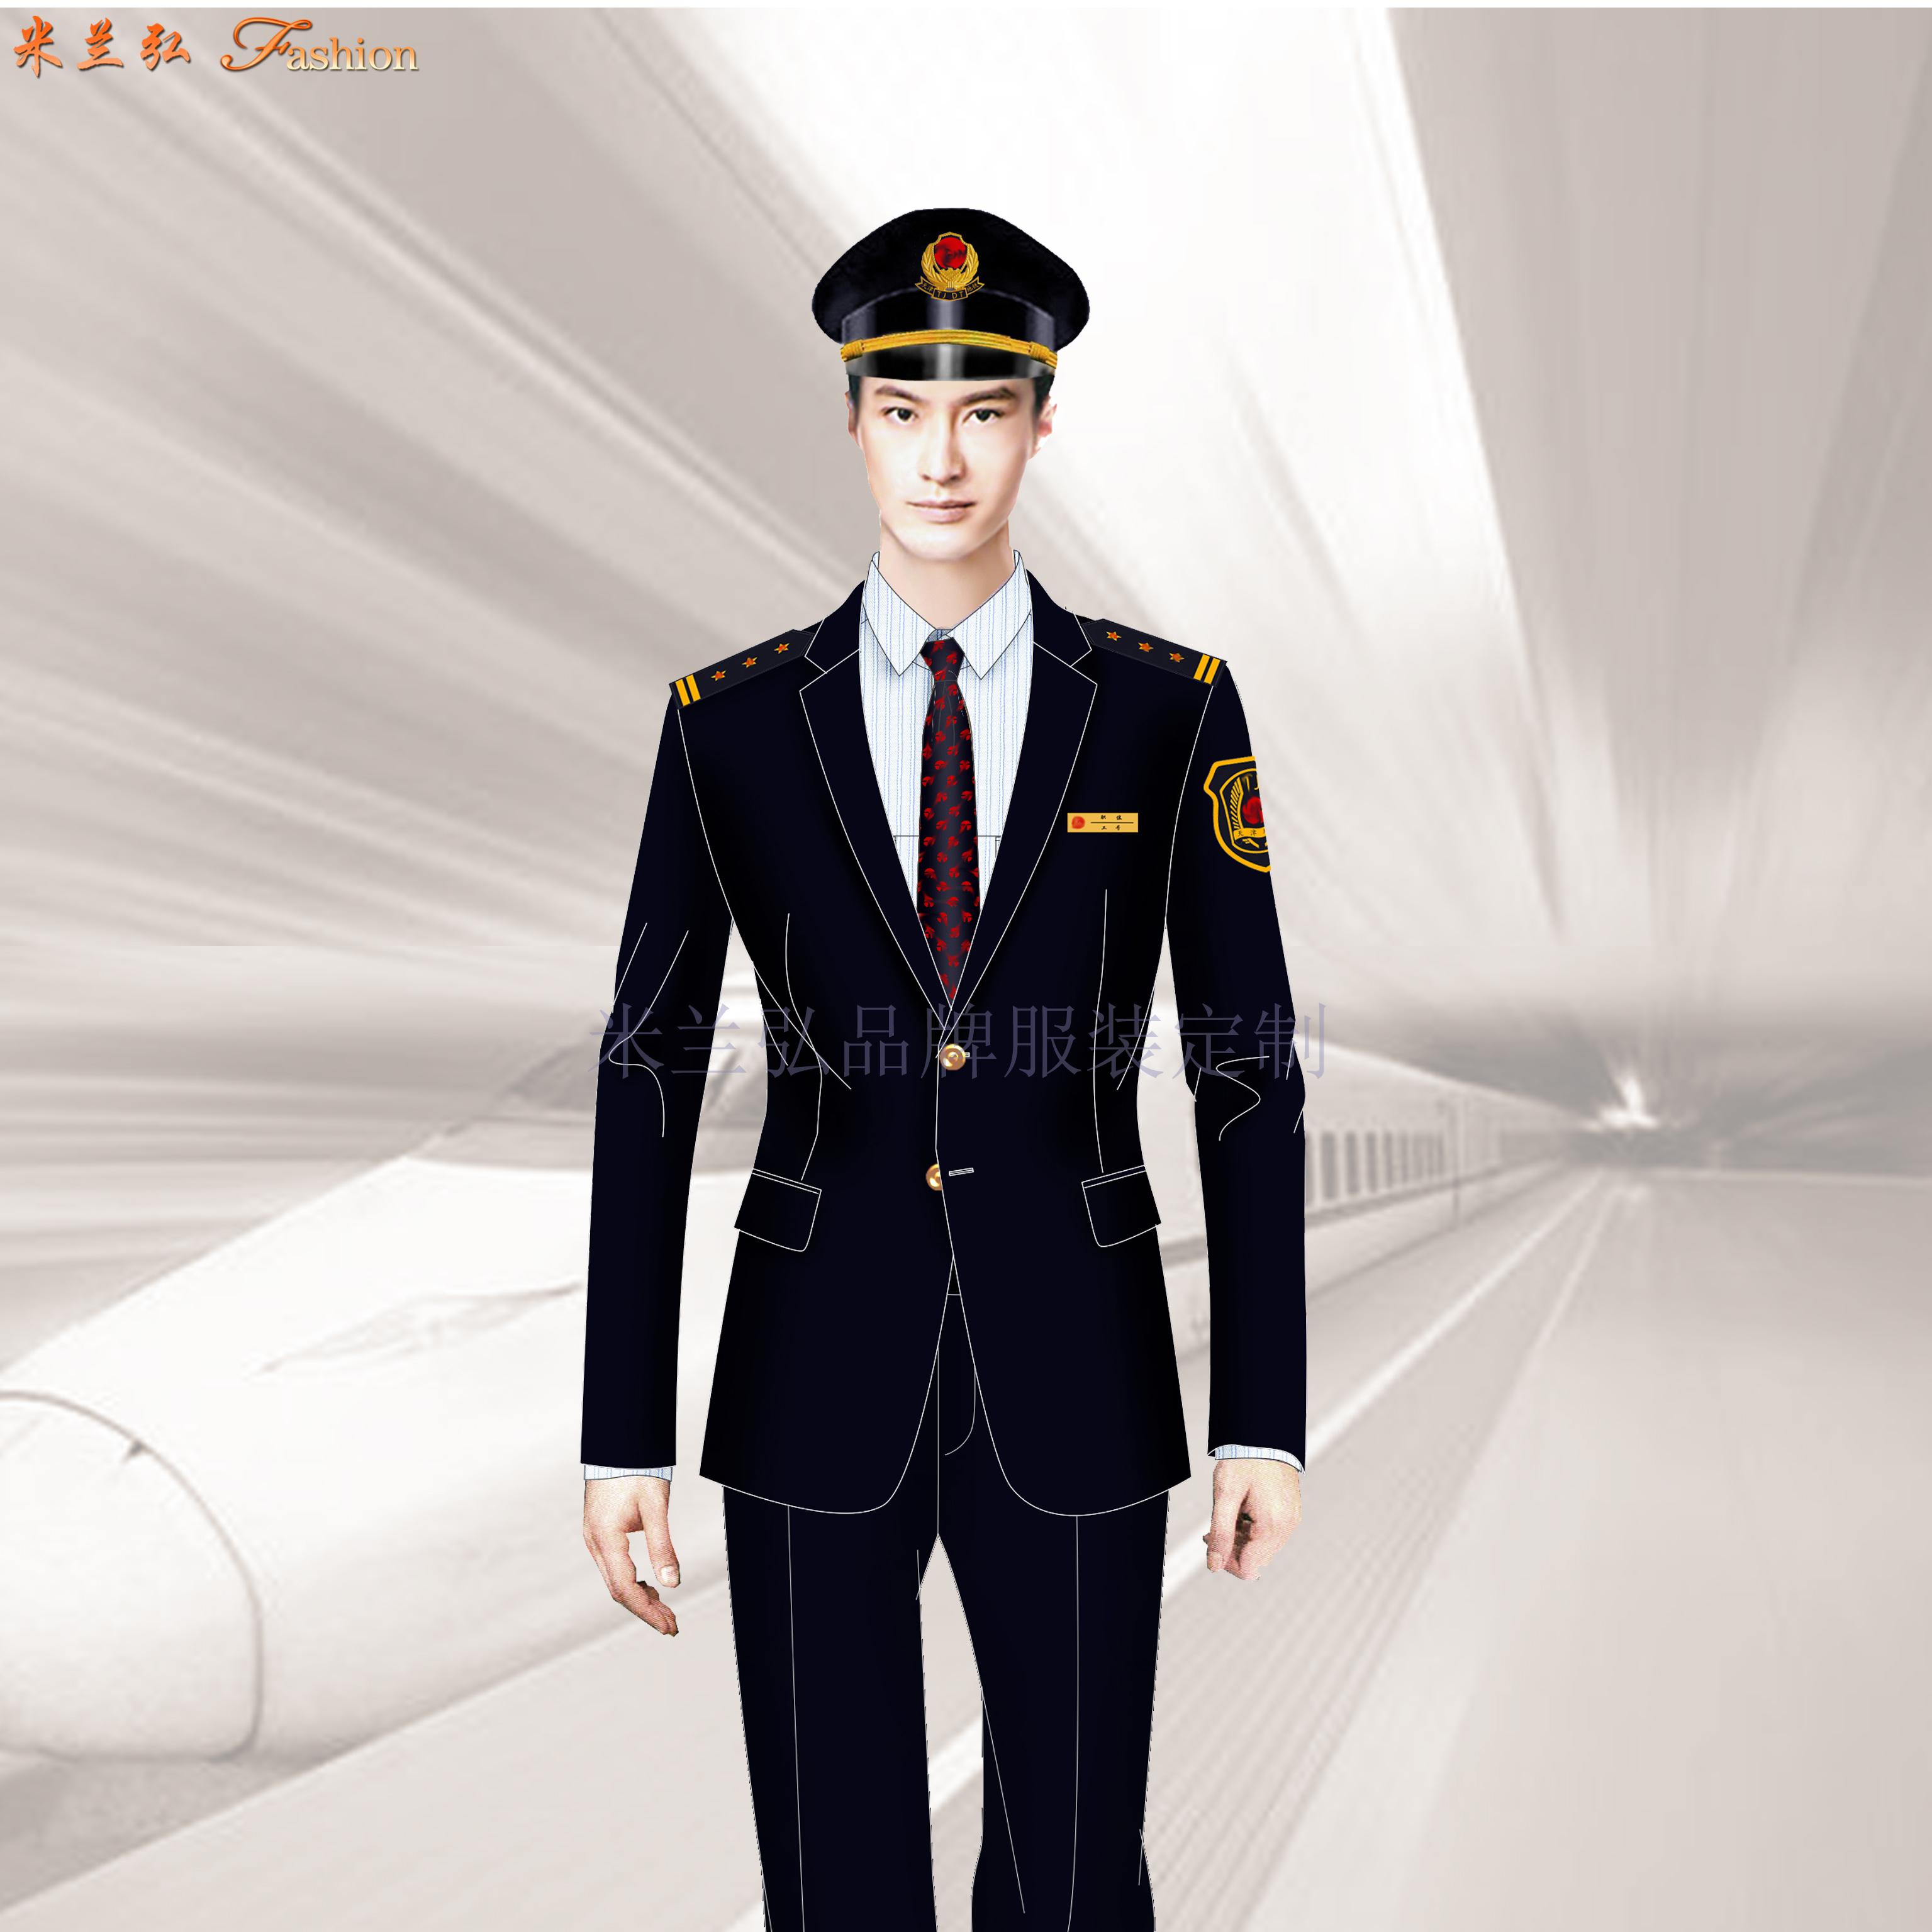 高鐵工作服-量身定制高鐵毛料男女工作服-米蘭弘廠家-1